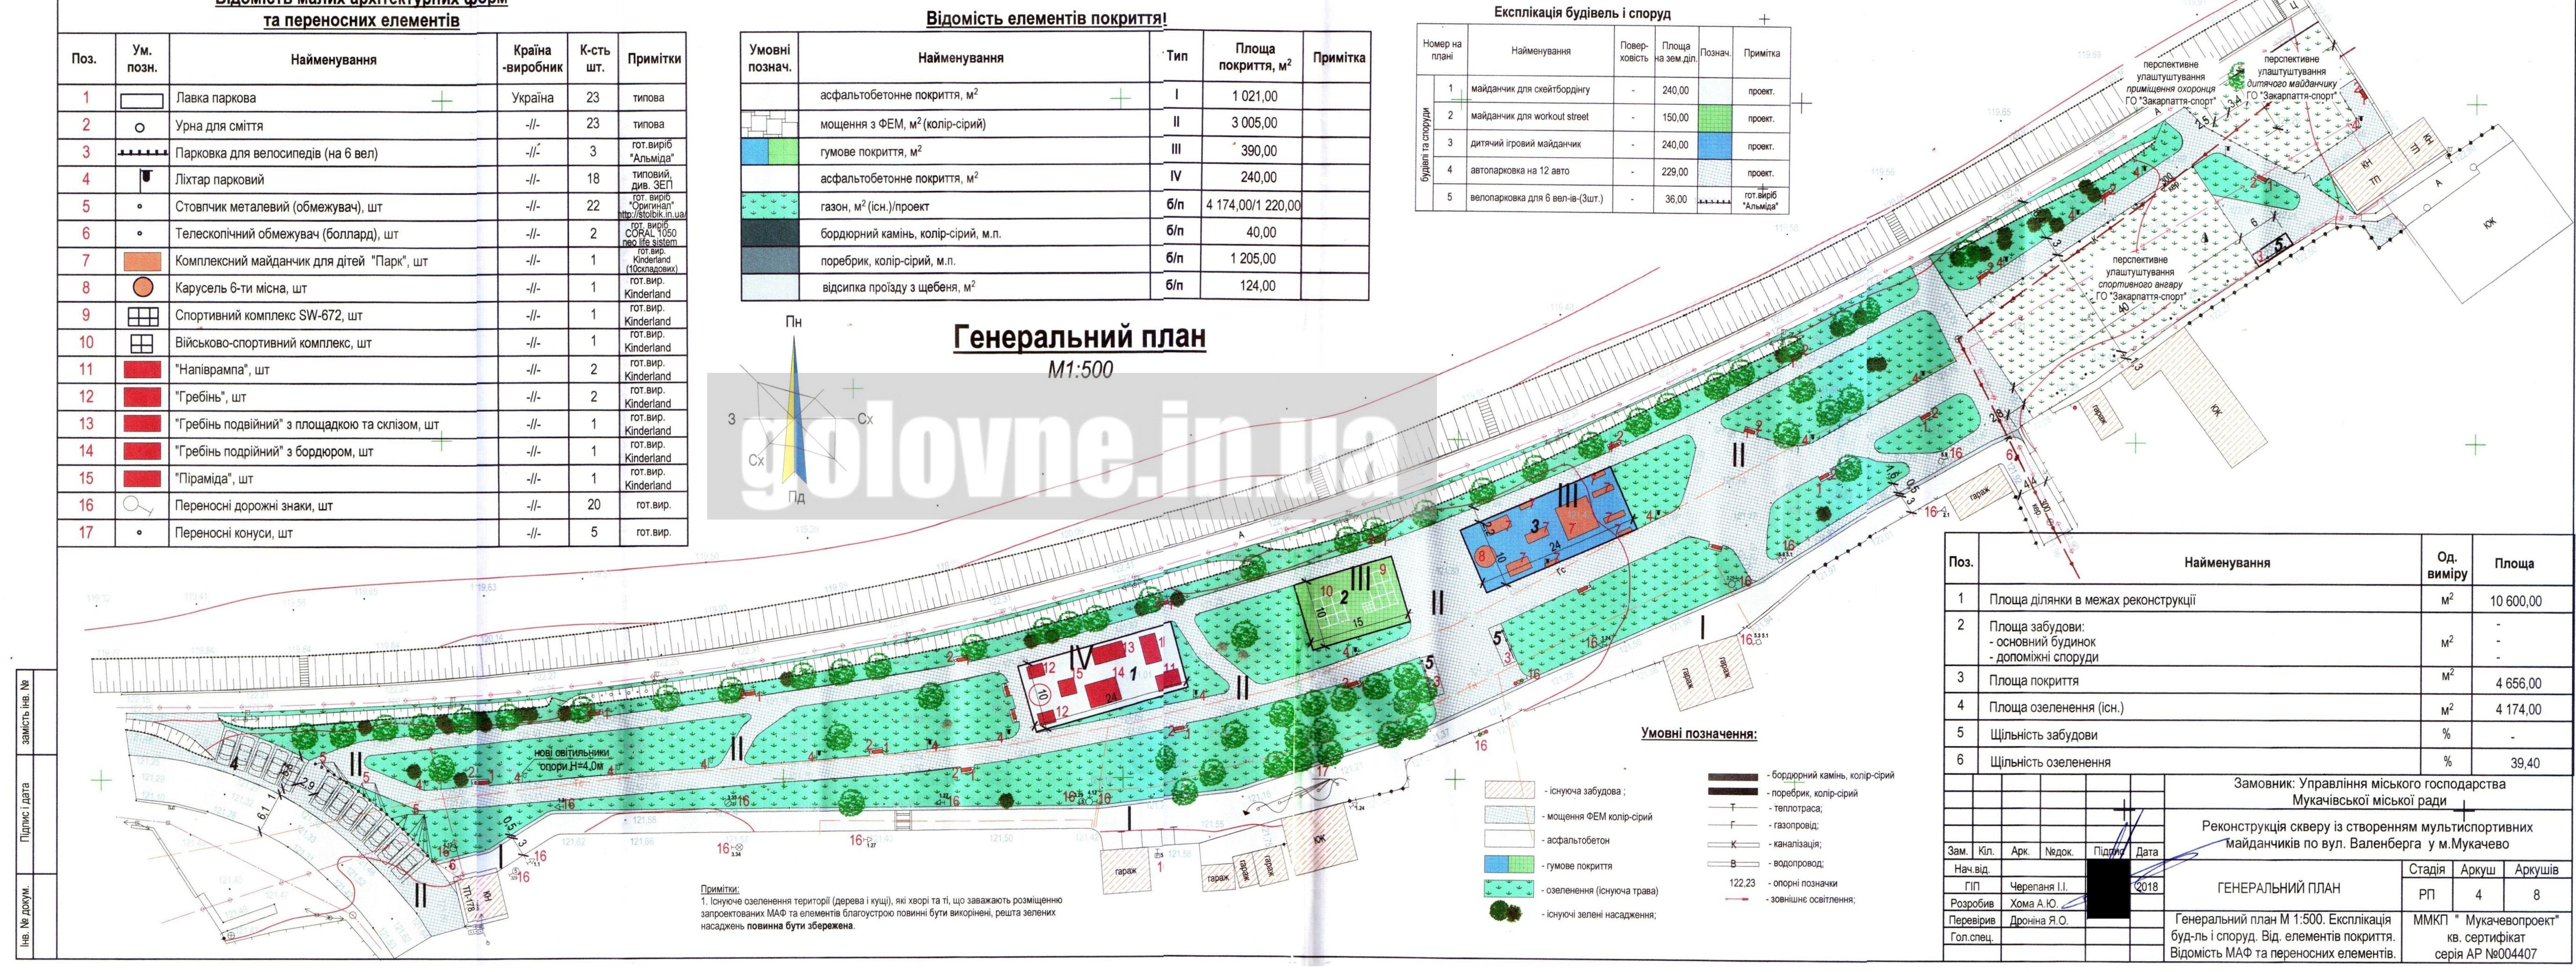 Генеральний план реконструкції парку Валенберга Мукачево